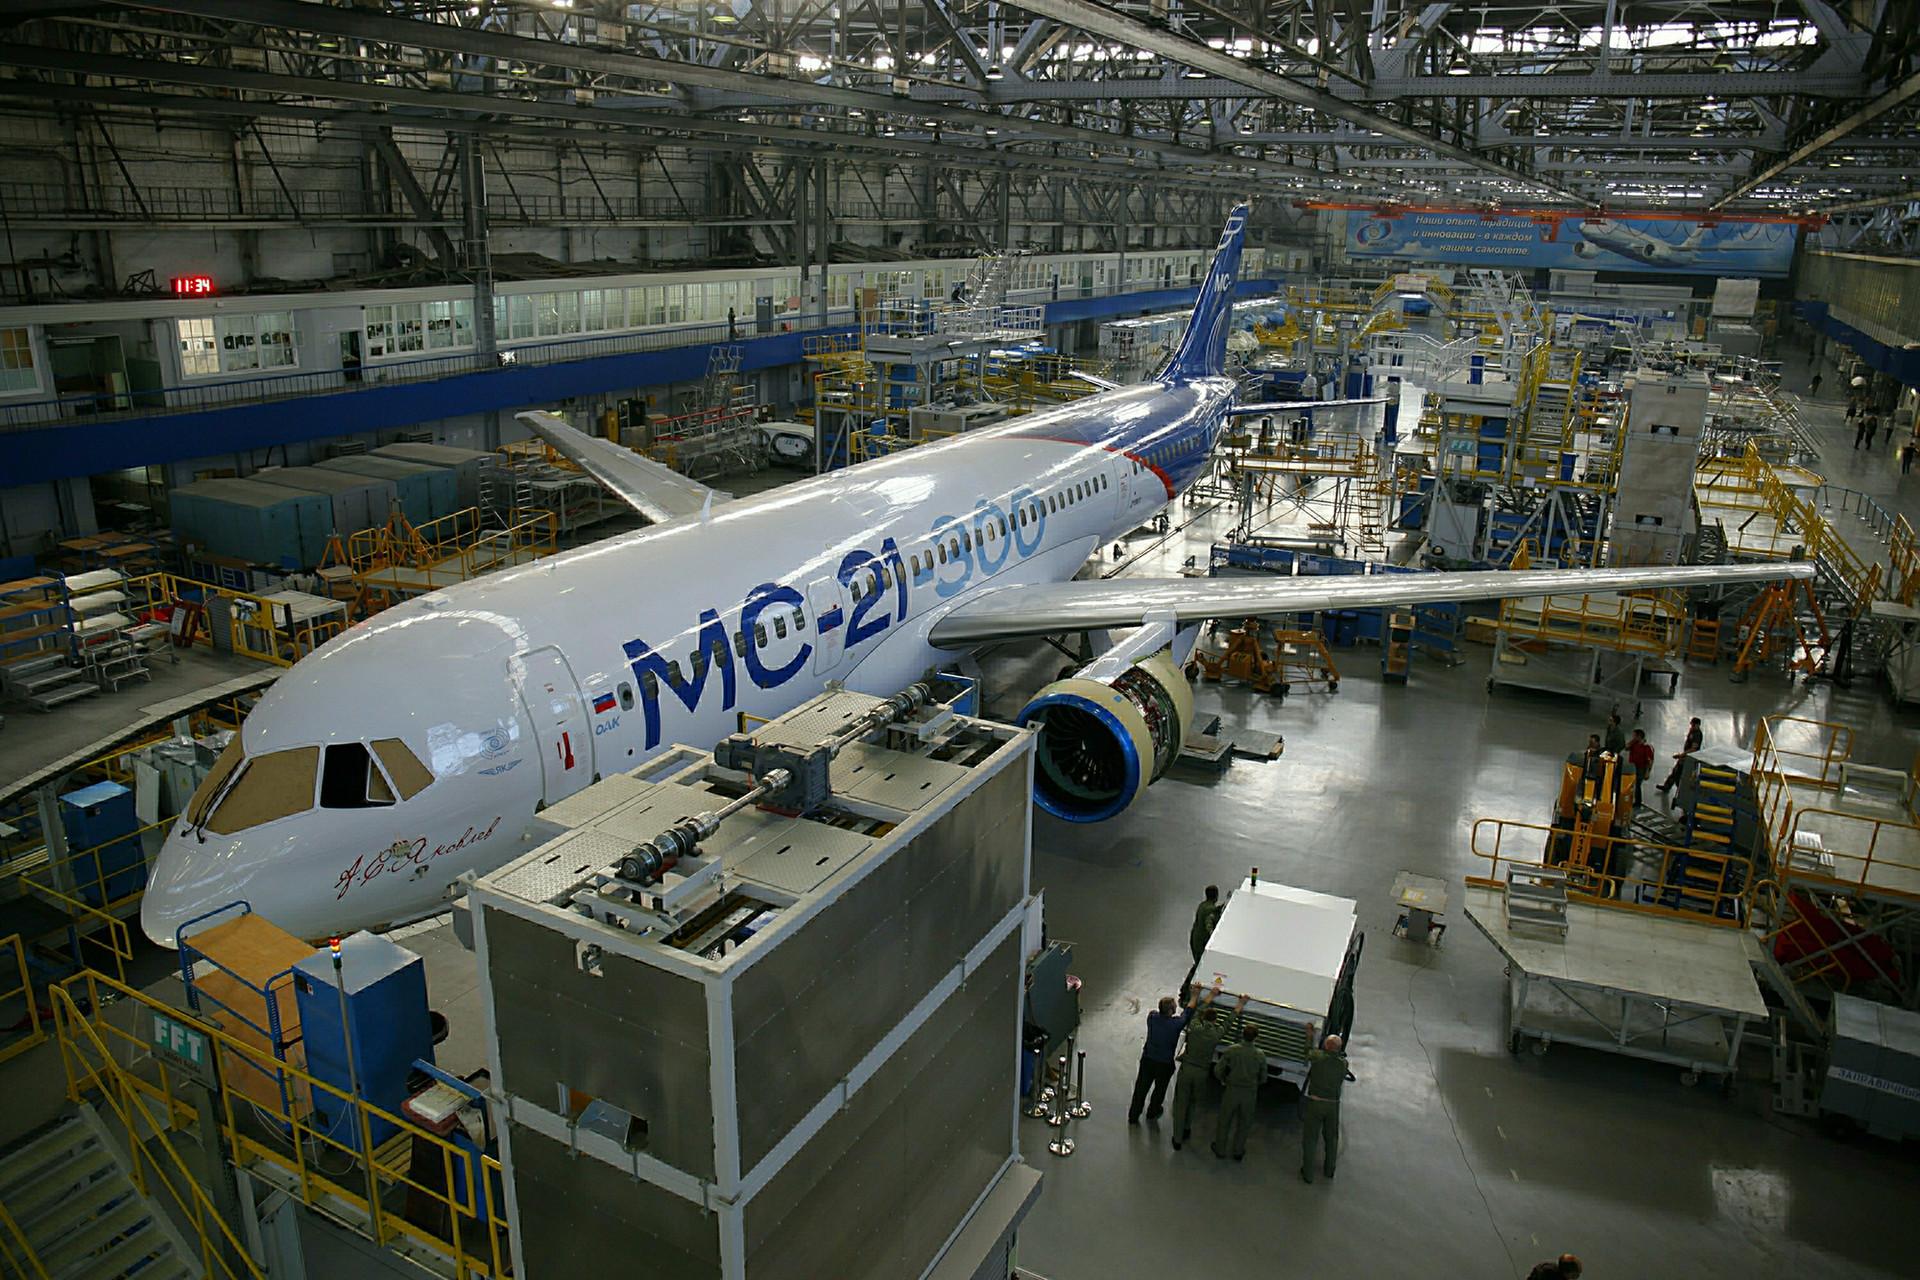 Dalam pembuatan MS-21, pesawat ini menggunakan solusi-solusi teknis aerodinamika, mesin penggerak, serta material konstruksi yang terdepan.